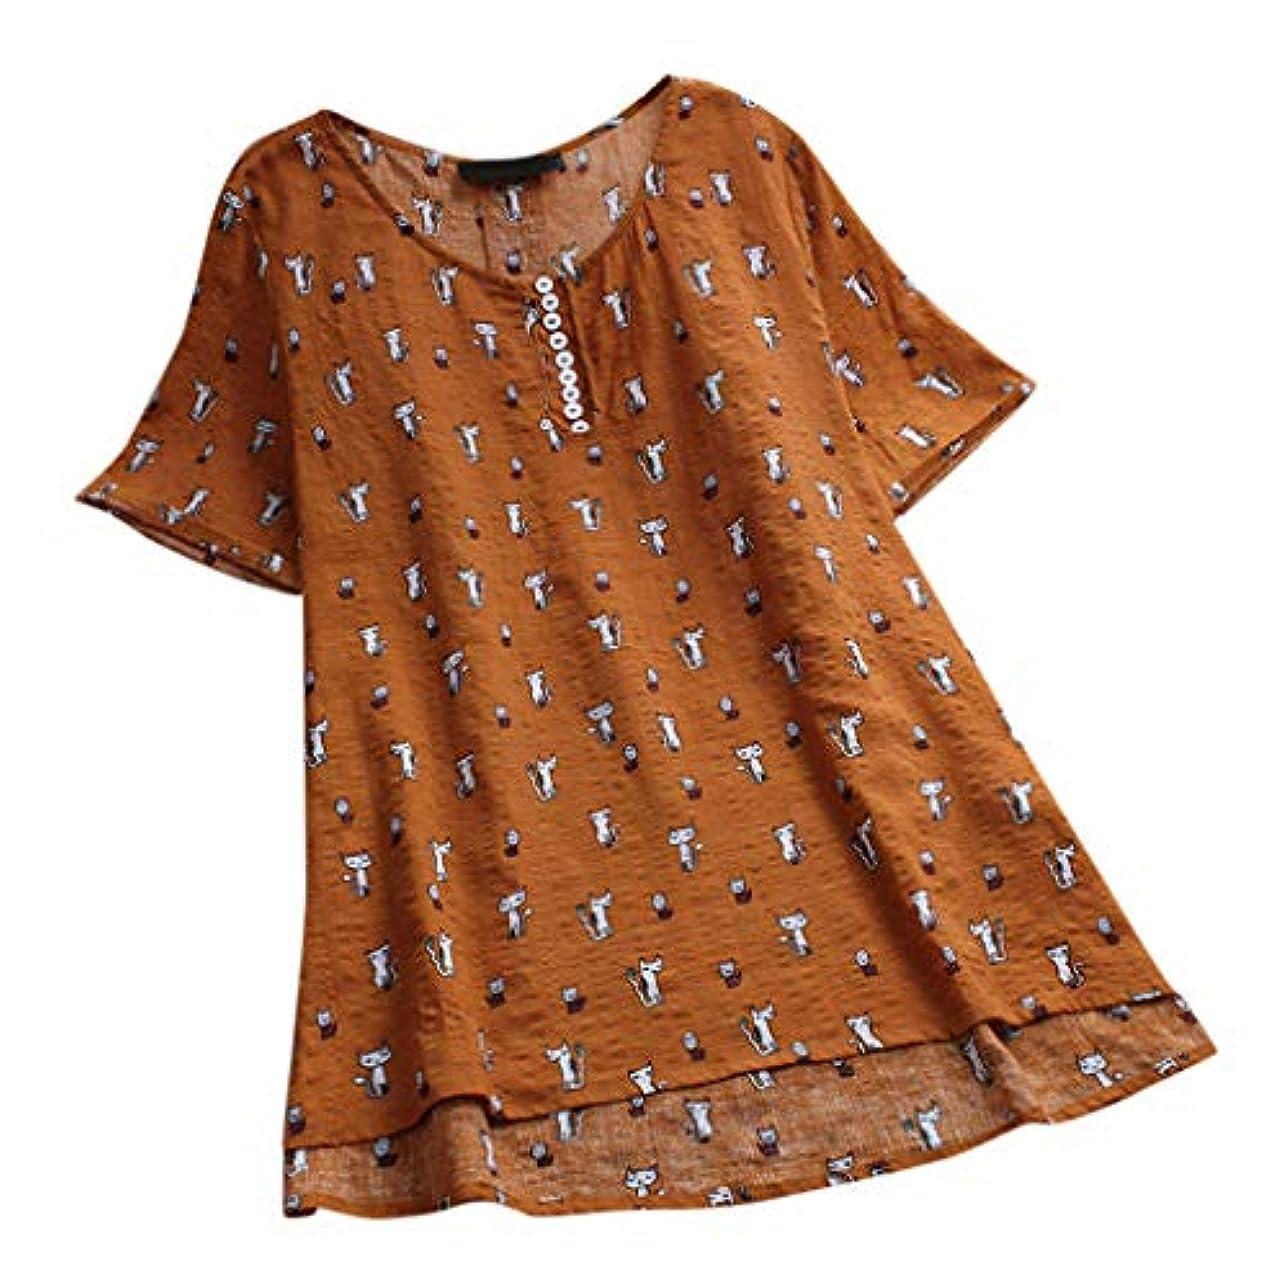 しゃがむ電気的進化レディース tシャツ プラスサイズ 半袖 丸首 猫プリント ボタン ビンテージ チュニック トップス 短いドレス ブラウス 人気 夏服 快適な 軽い 柔らかい かっこいい ワイシャツ カジュアル シンプル オシャレ 春夏秋 対応